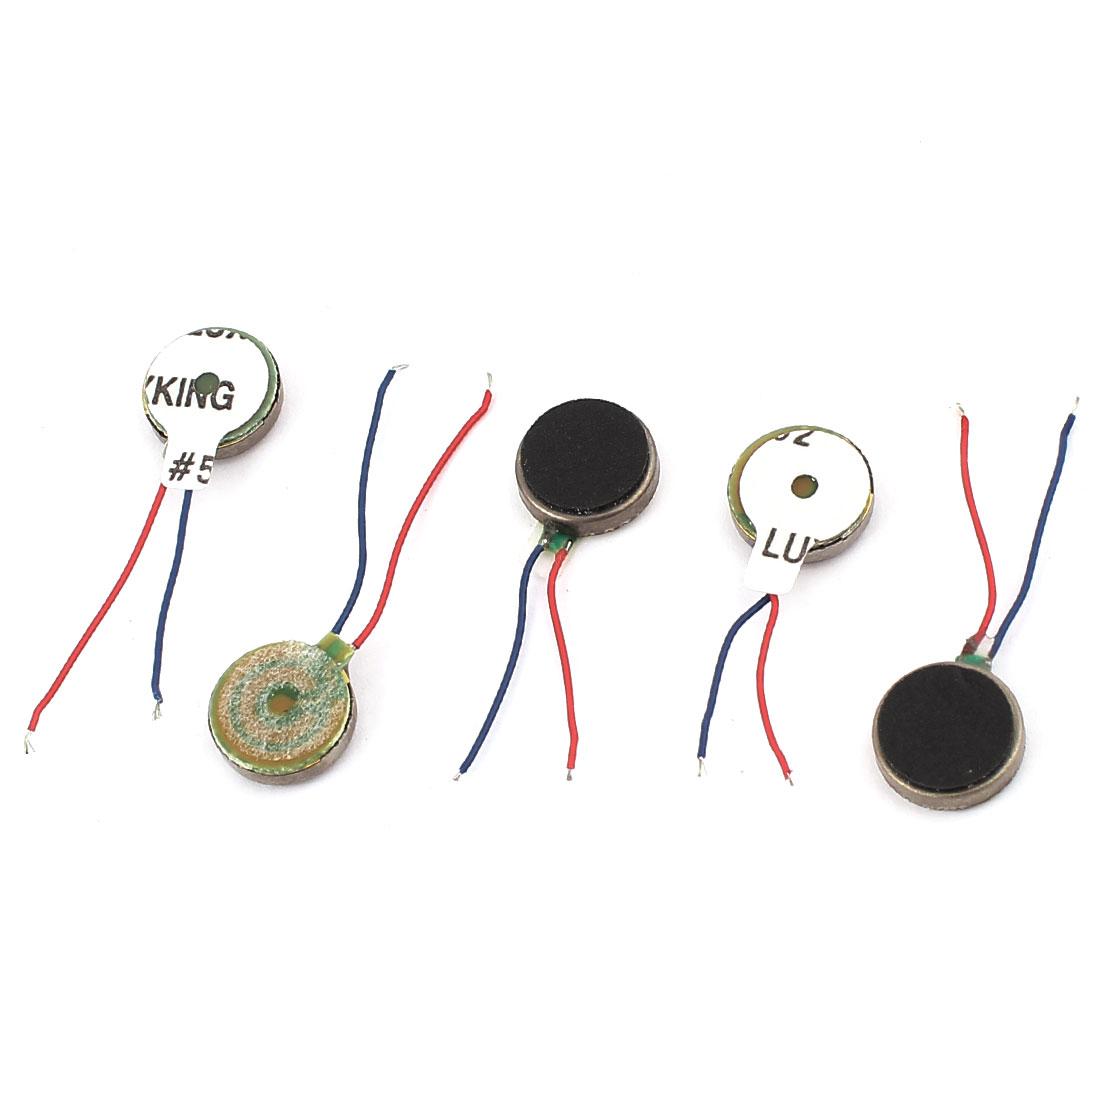 5Pcs DC 1.5V-3V 10mm x 2.7mm Brushless Micro Vibration Motor for Cellphone